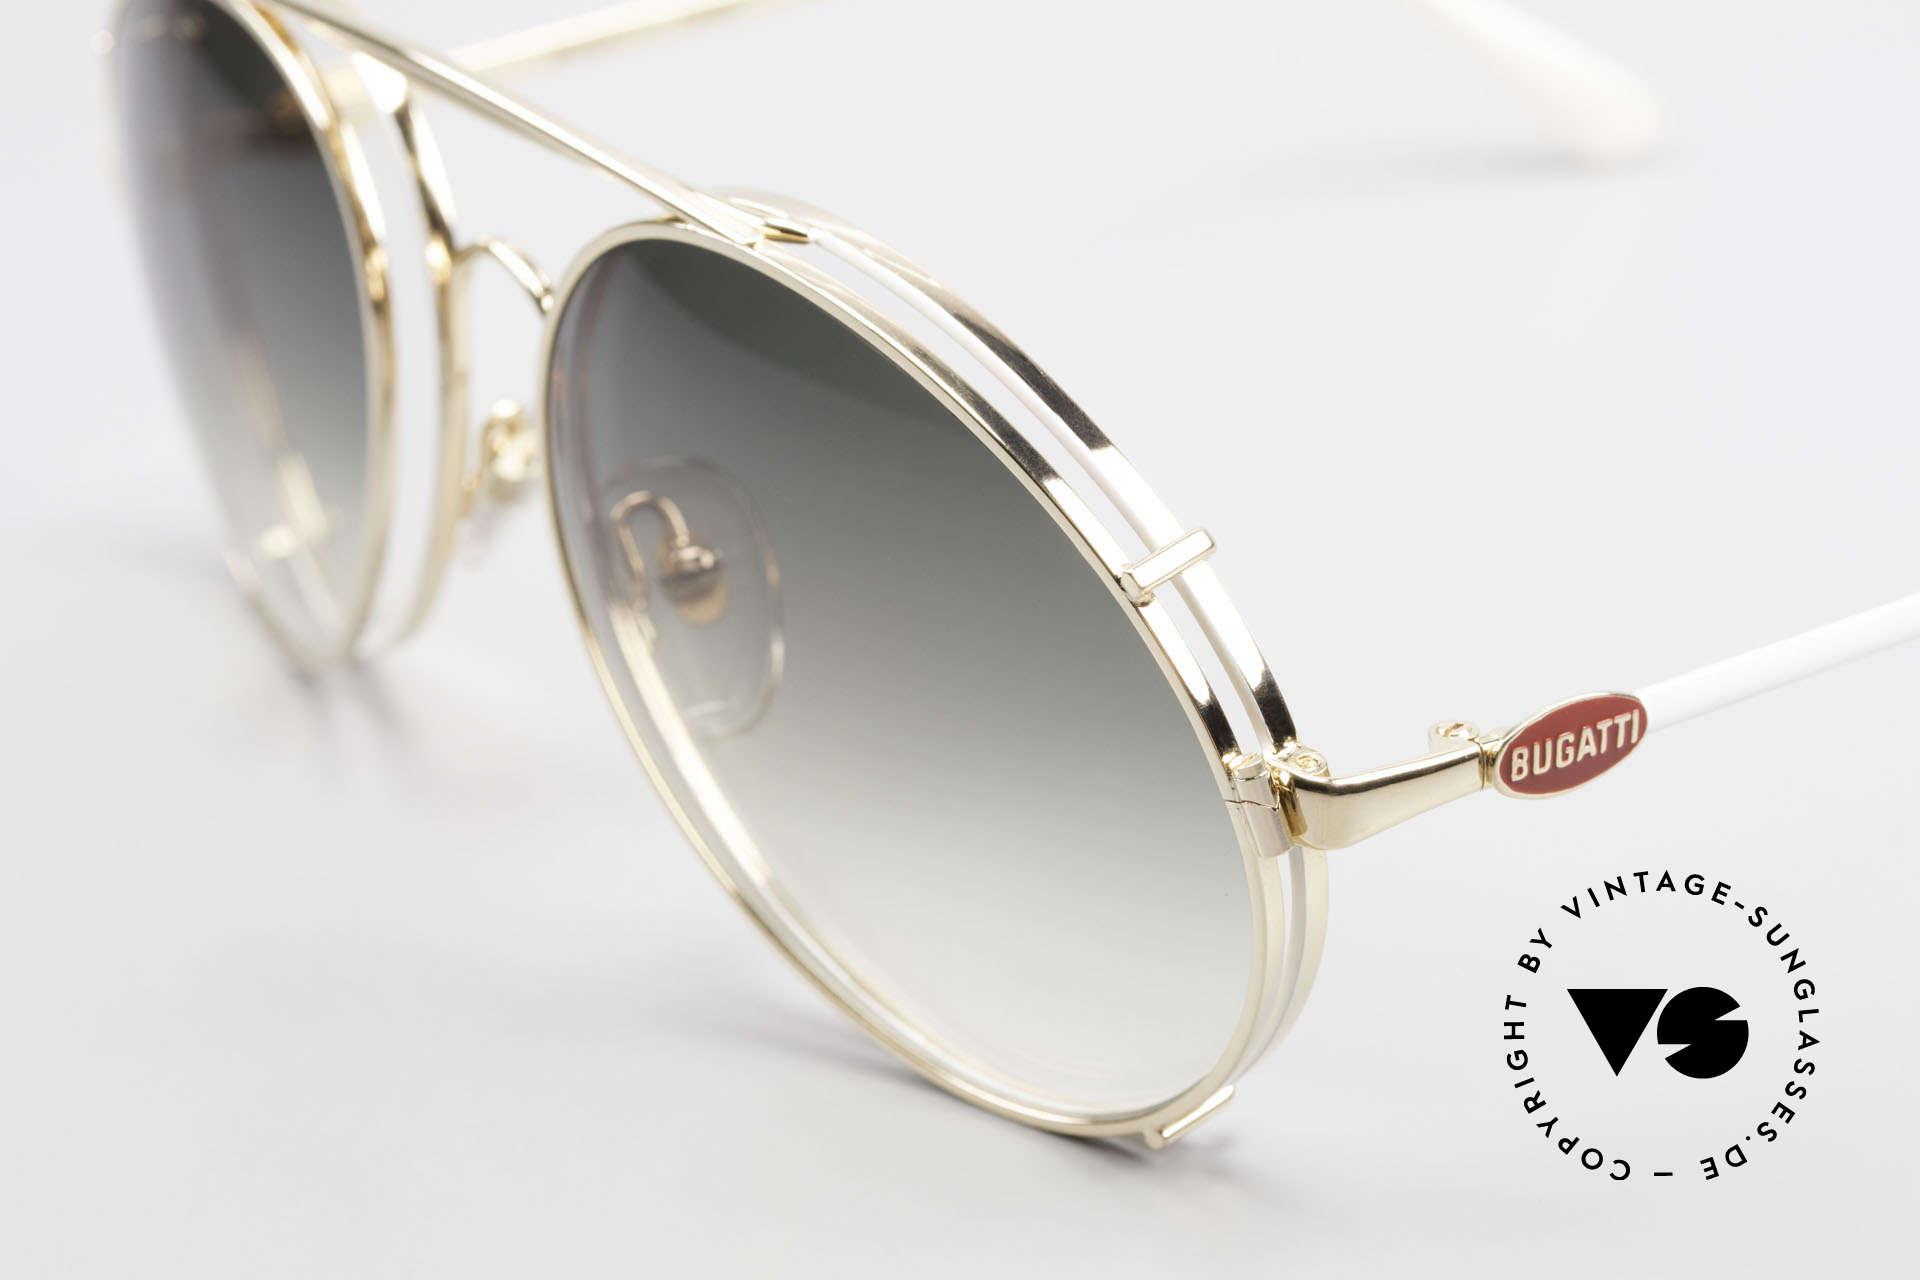 Bugatti 65987 XL Vintage Brille Mit Clip On, Fassung vergoldet/weiss mit roten Logos, Gr. 58, Passend für Herren